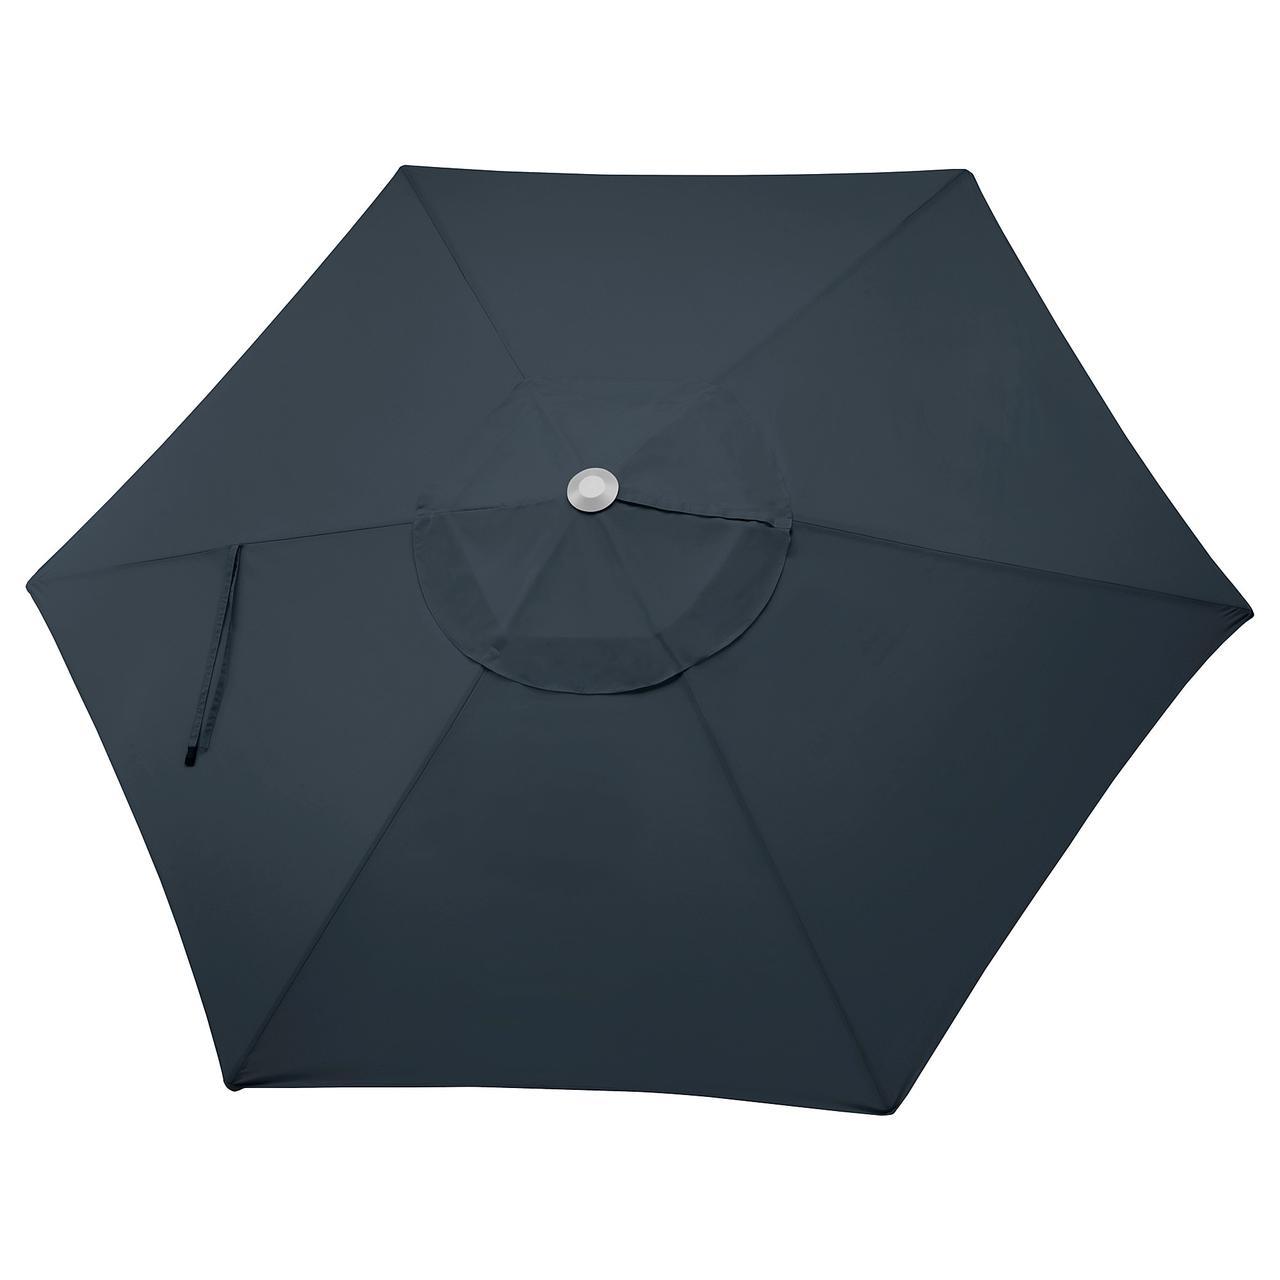 ЛИНДЭЙА Купол зонта от солнца, темно-синий